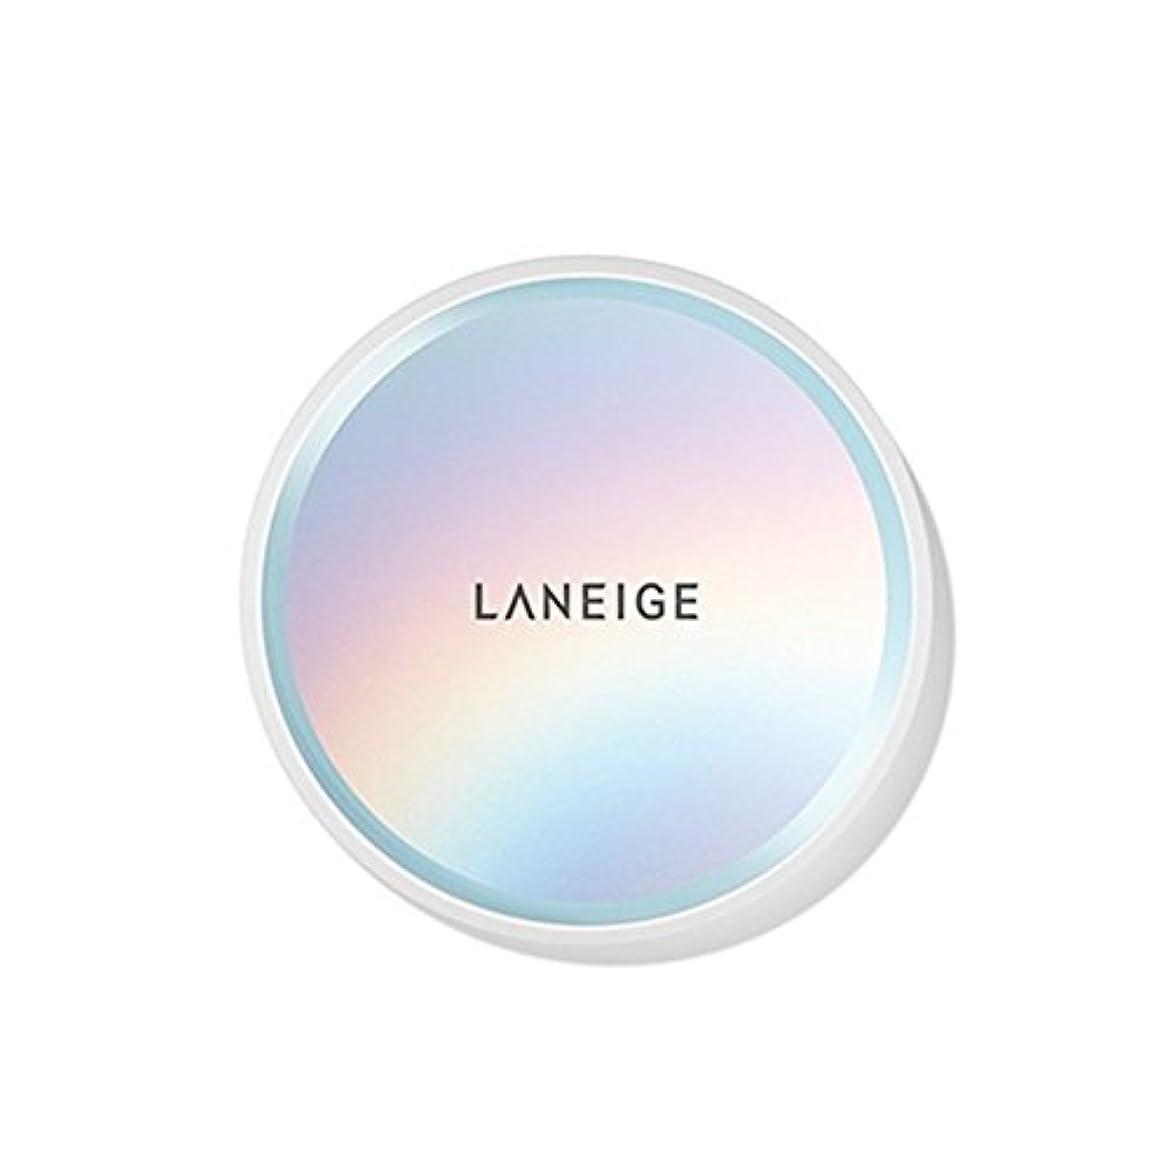 悪性背の高い物足りない【ラネージュ】 LANEIGE BB Cushion Pore Control BBクッションポアコントロール 【韓国直送品】 OOPSPANDA (6.No. 13 Cool Ivory)